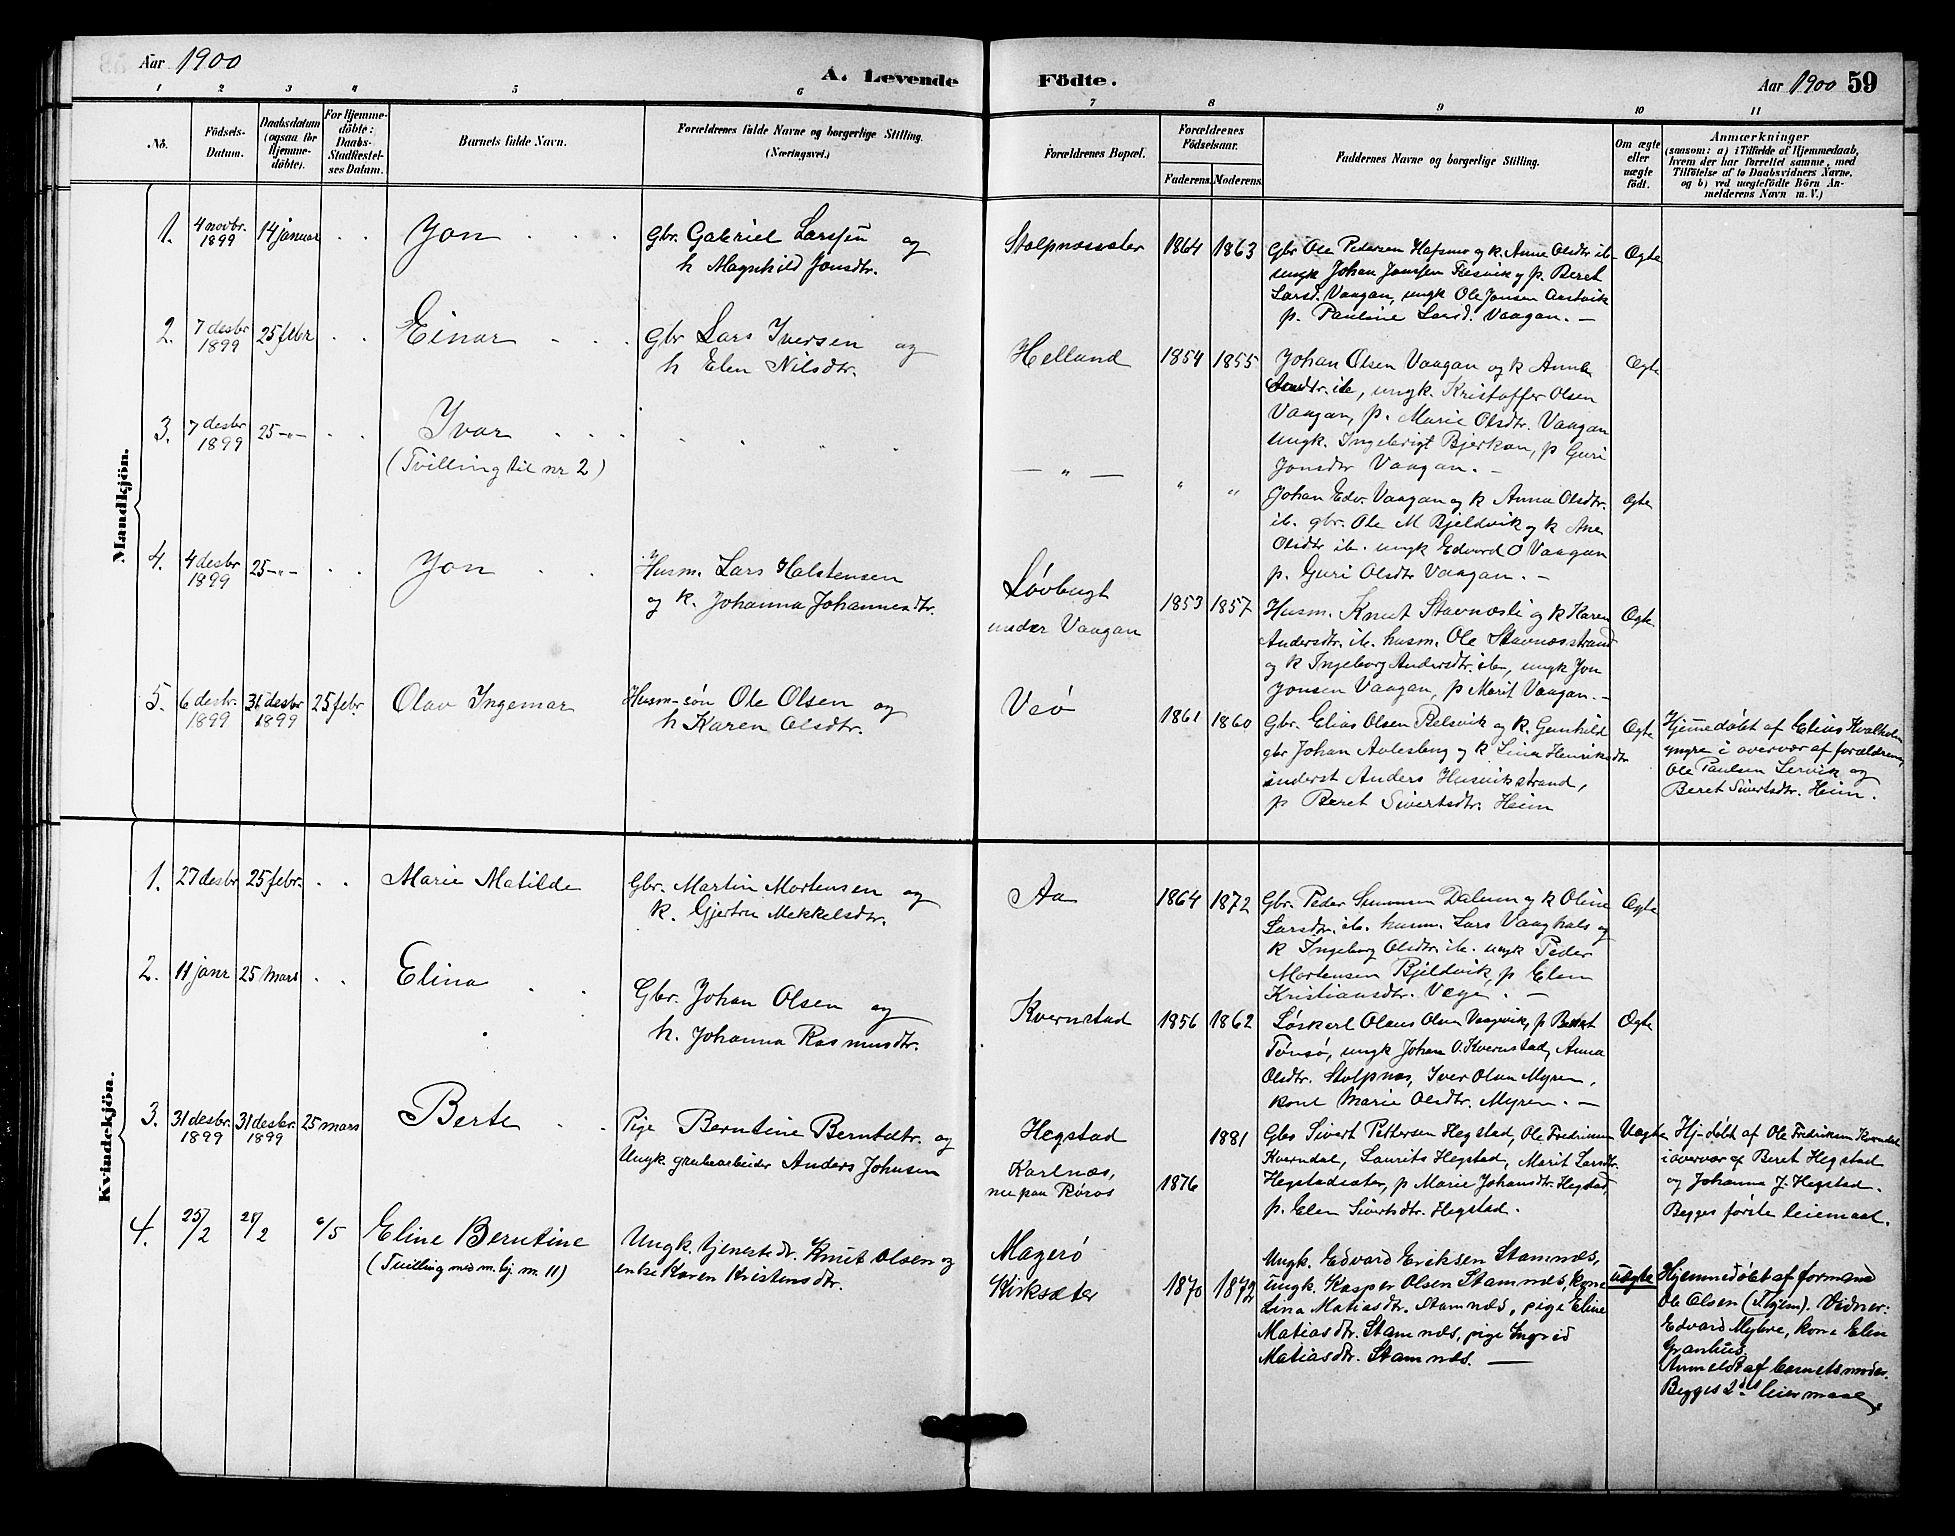 SAT, Ministerialprotokoller, klokkerbøker og fødselsregistre - Sør-Trøndelag, 633/L0519: Klokkerbok nr. 633C01, 1884-1905, s. 59